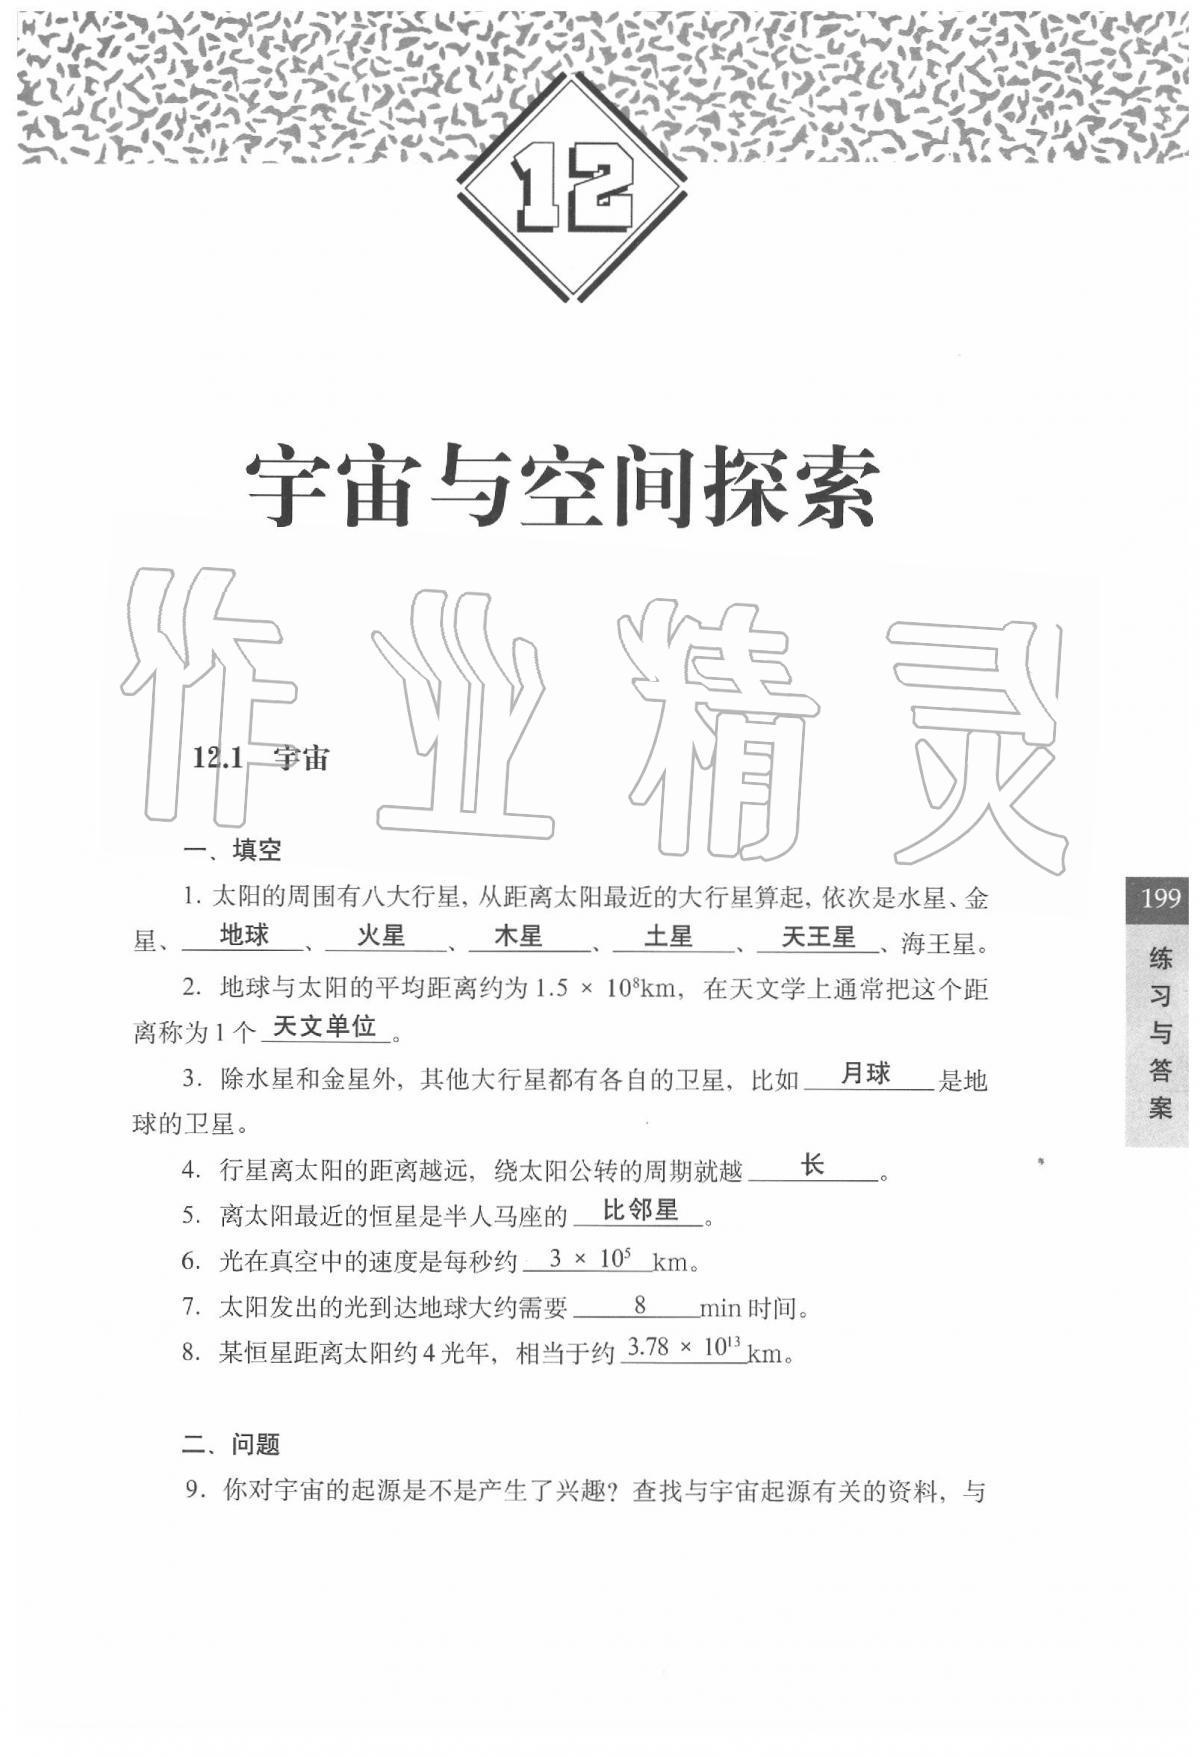 2020年科学练习部分七年级第二学期牛津上海版参考答案第1页